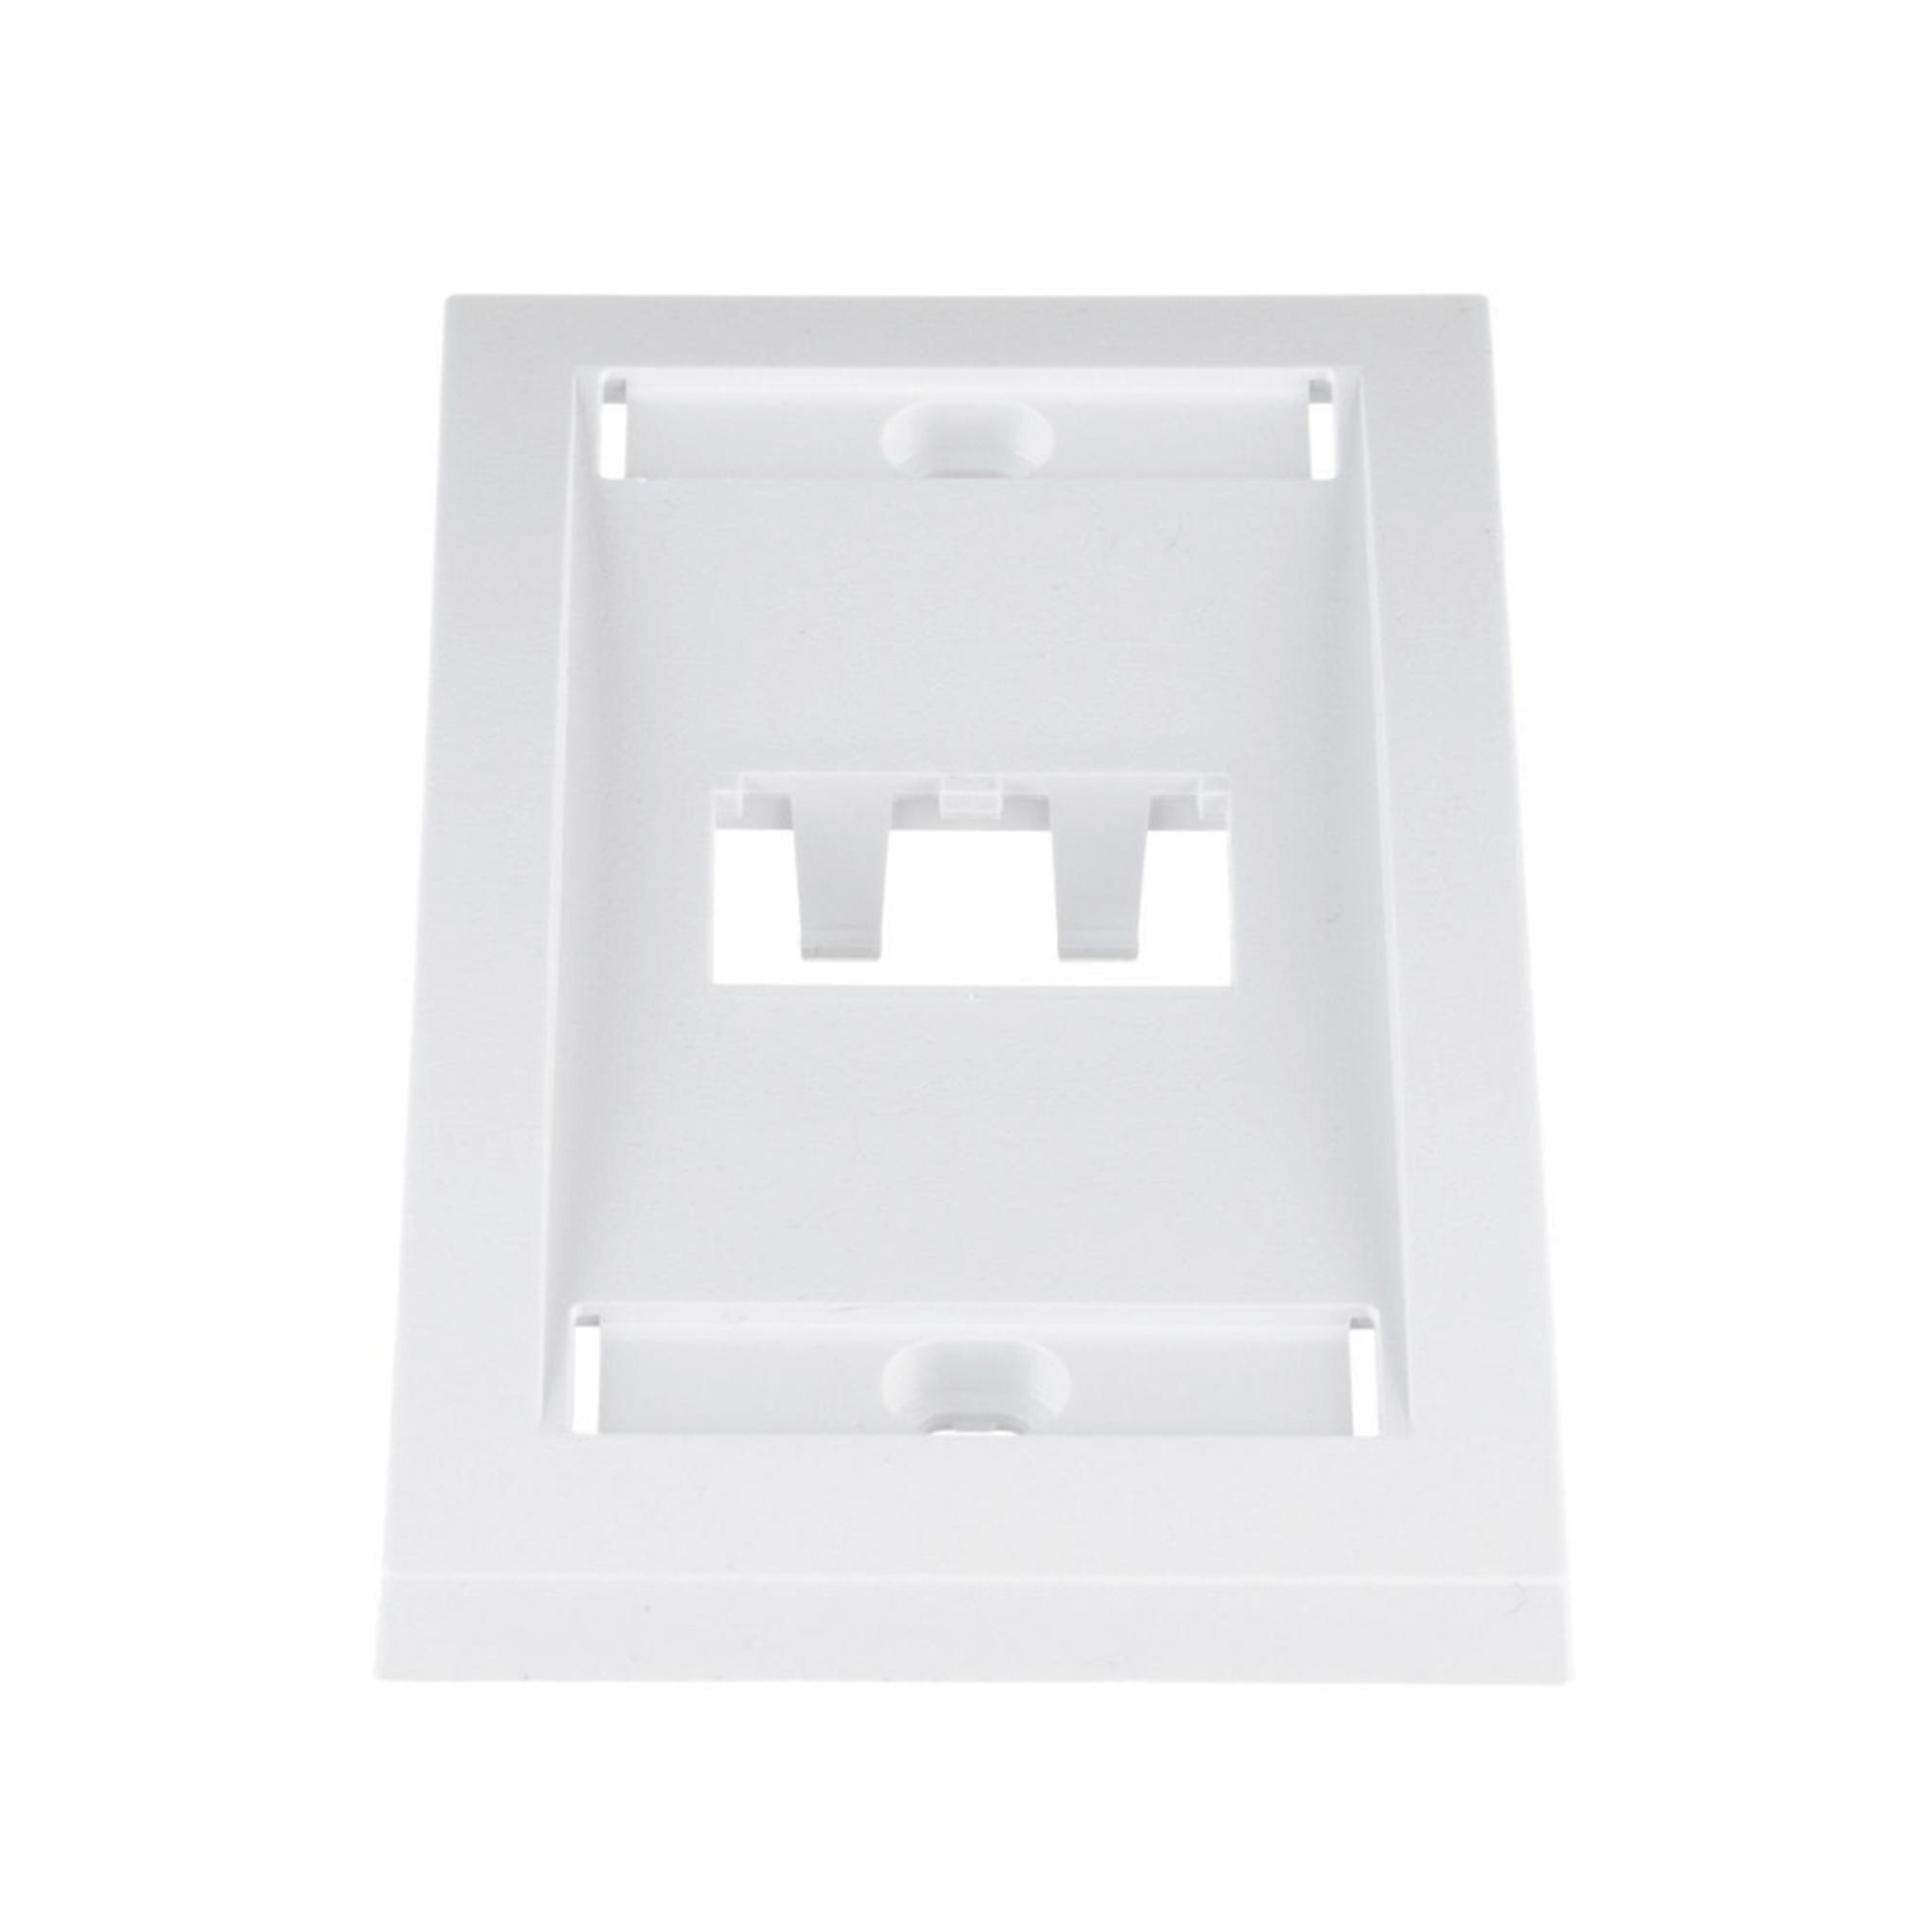 Placa de Pared Vertical Ejecutiva, Salida Para 2 Puertos Mini-Com, Con Espacios Para Etiquetas, Color Blanco